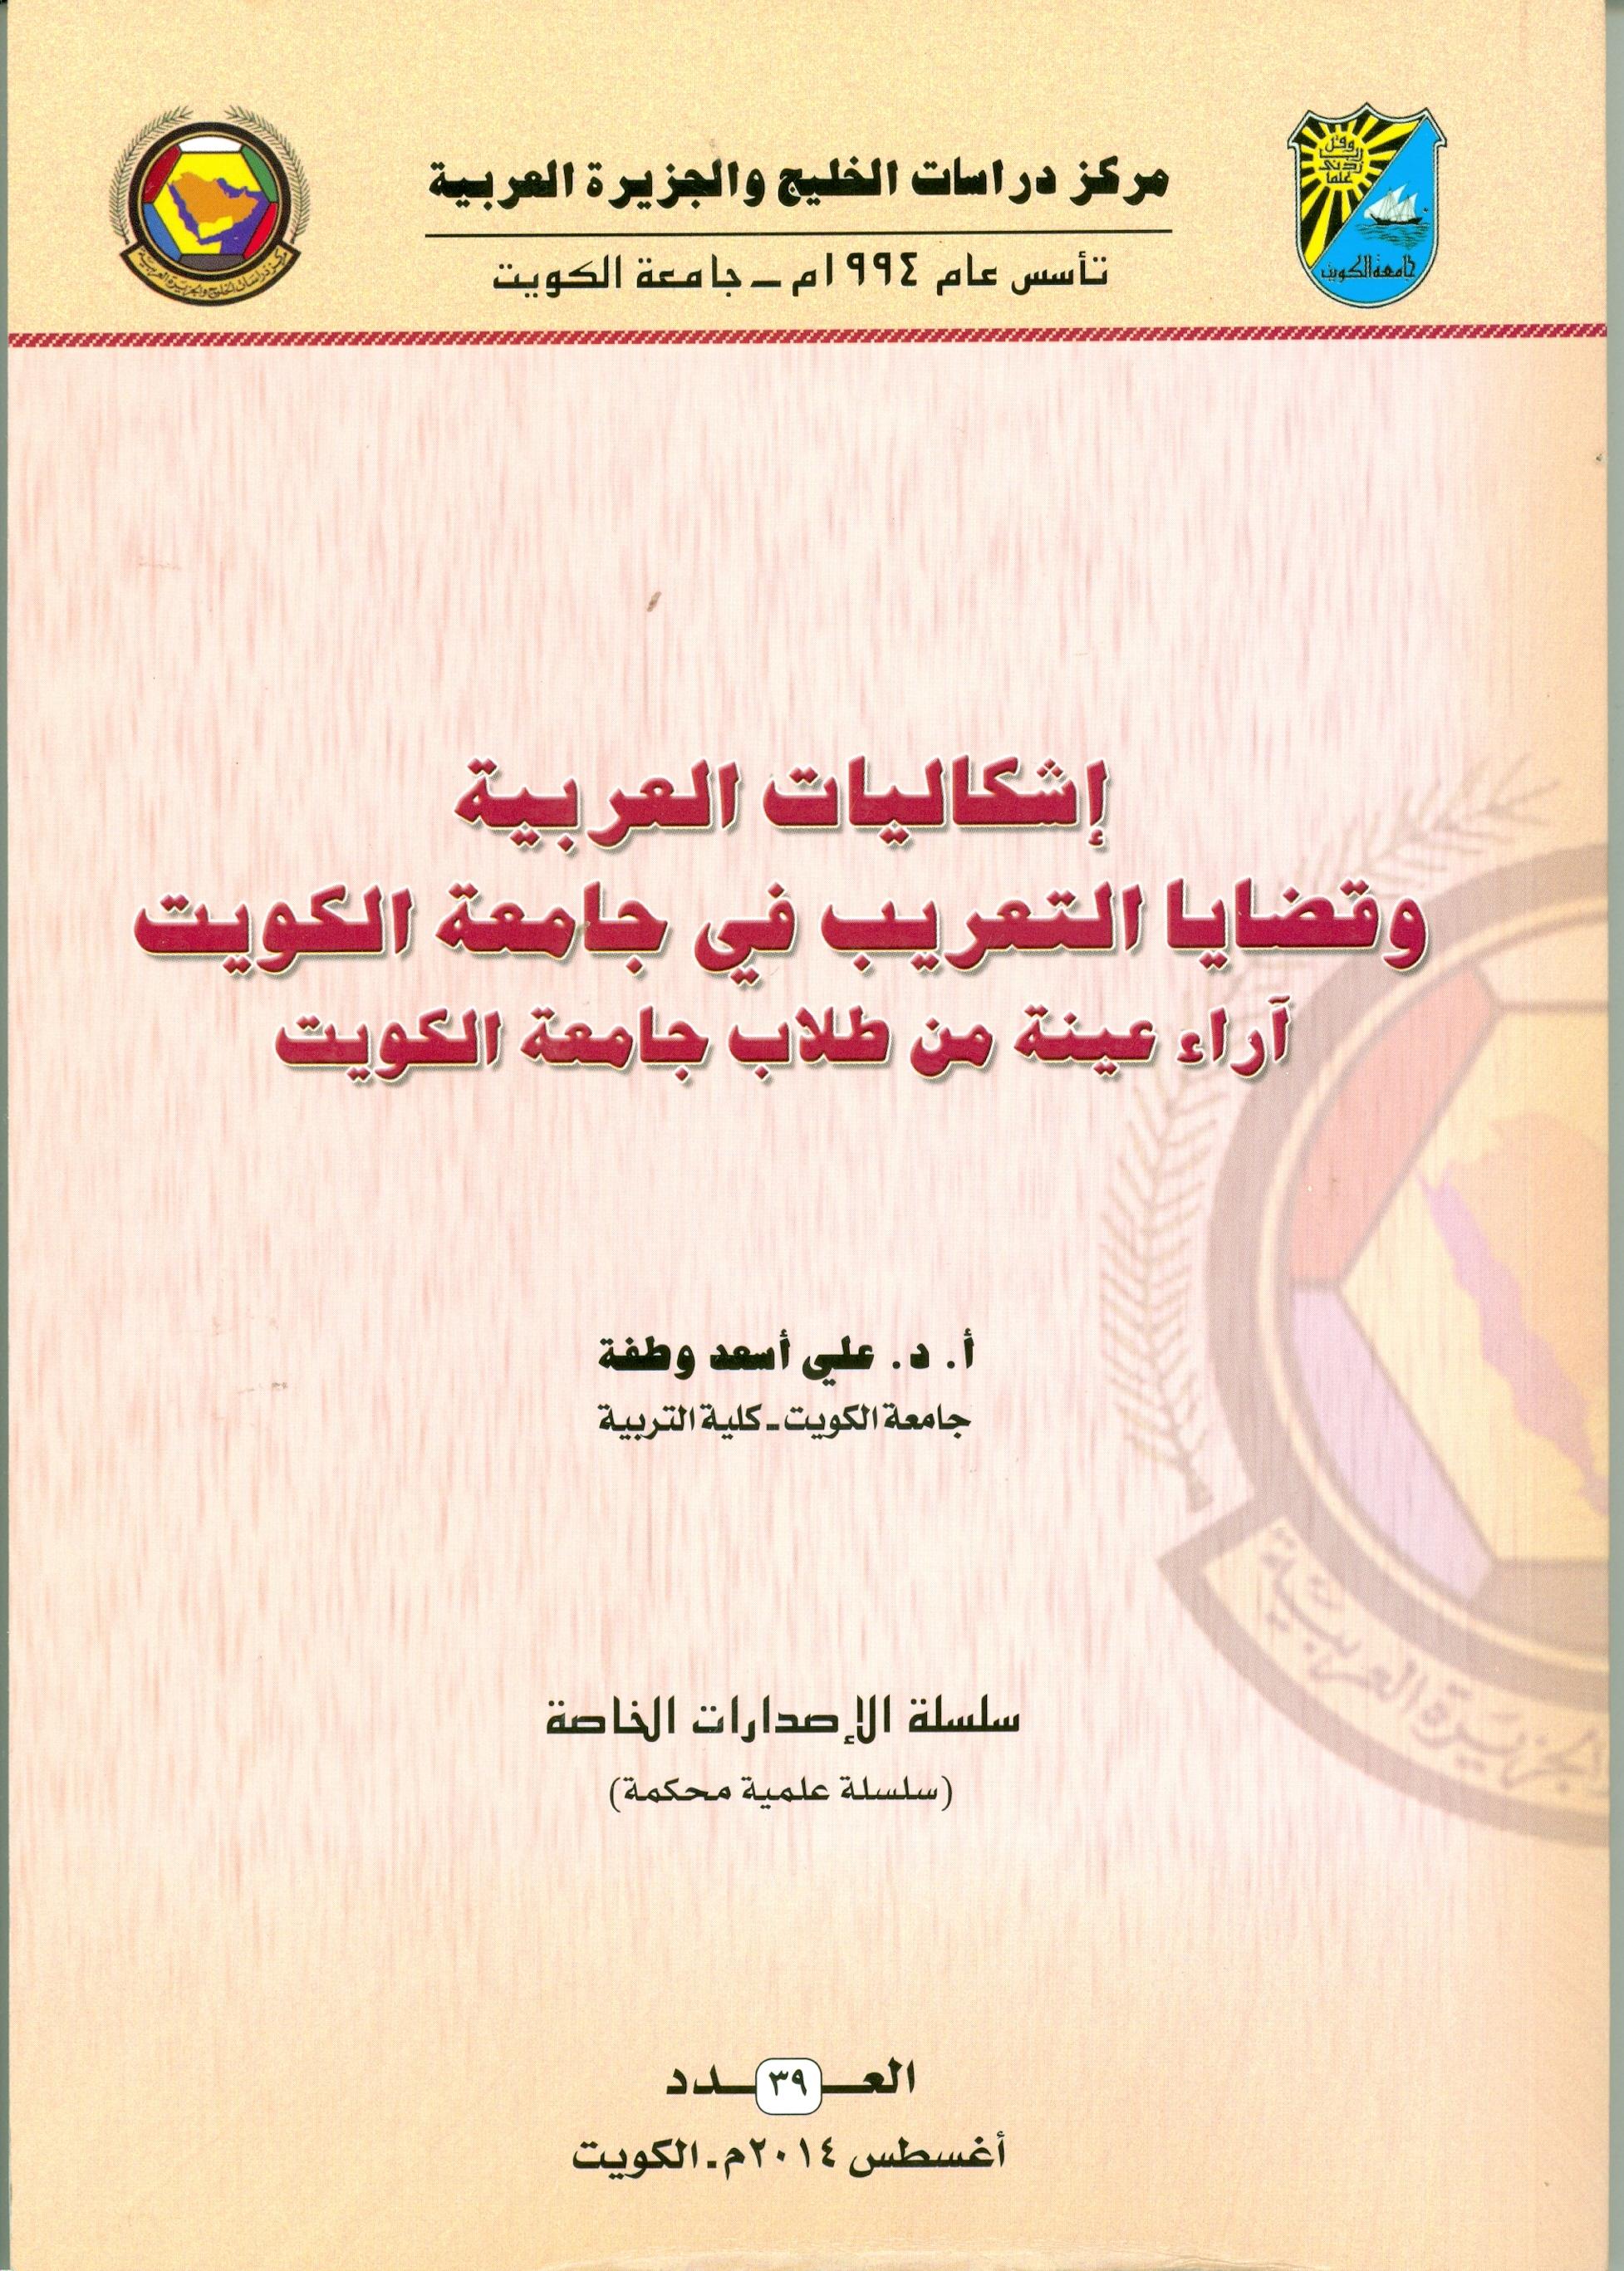 إشكاليات العربية وقضايا التعريب في جامعة الكويت- علي أسعد وطفة